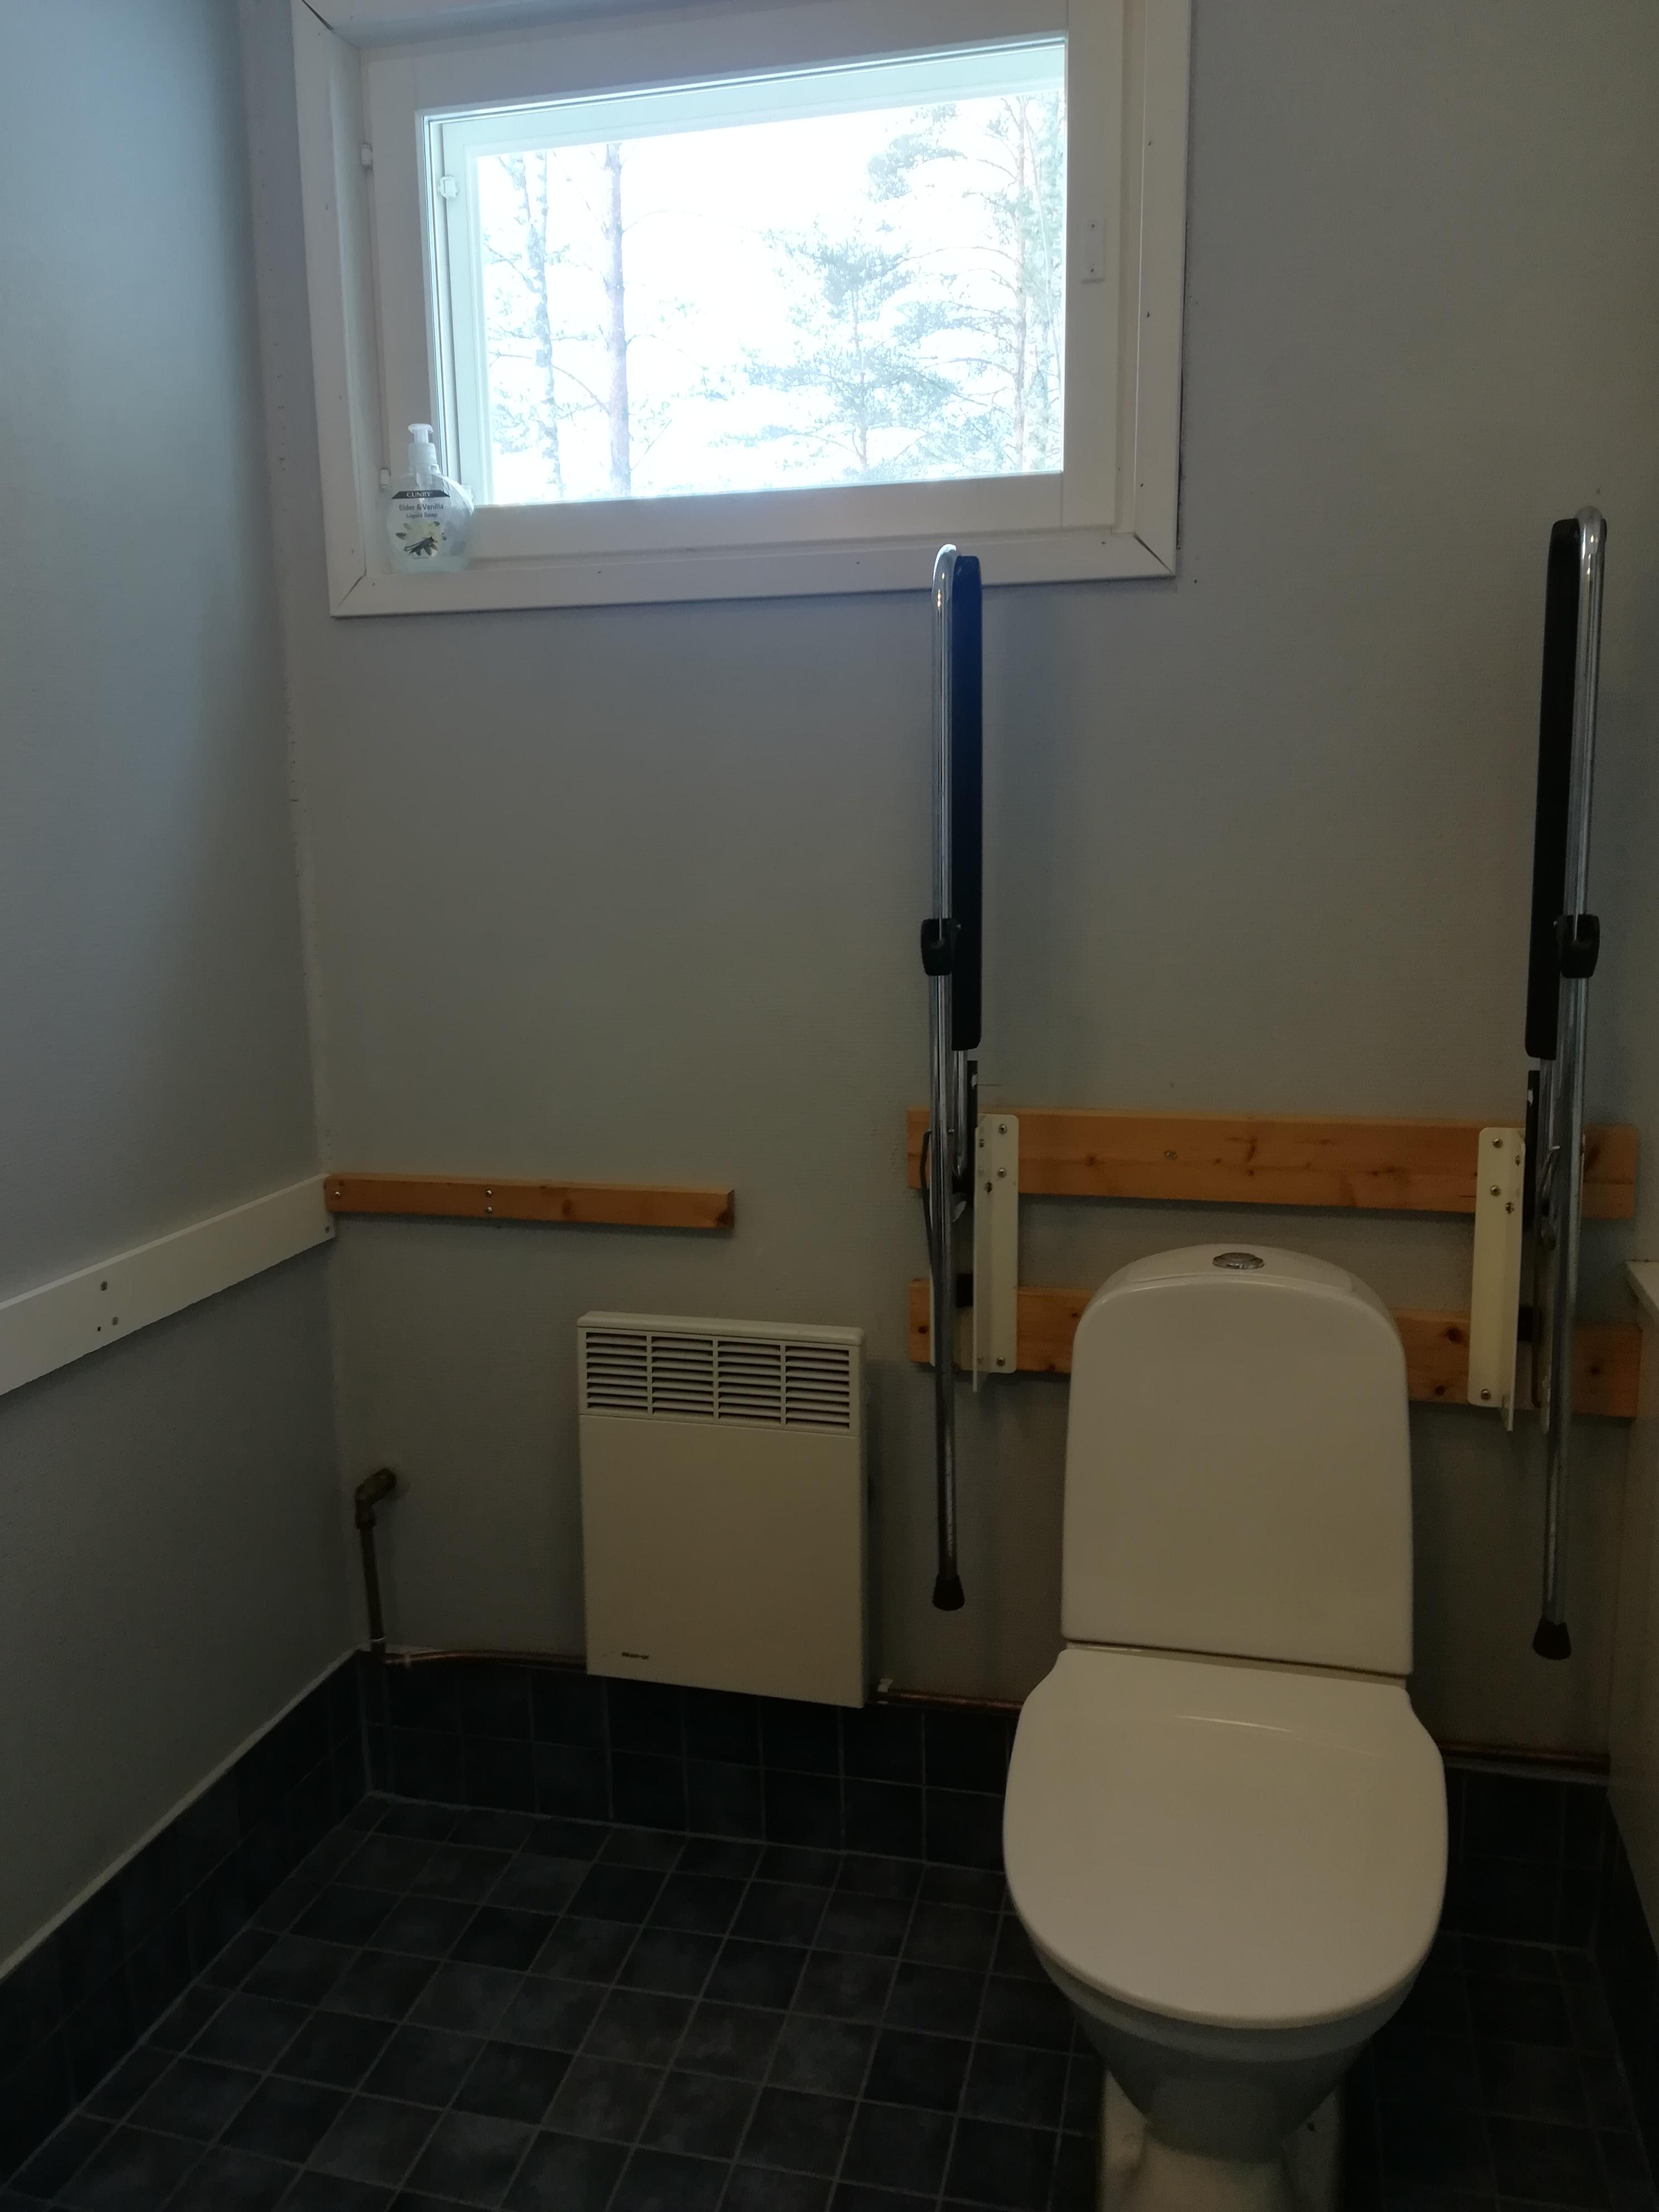 Tilava inva wc.